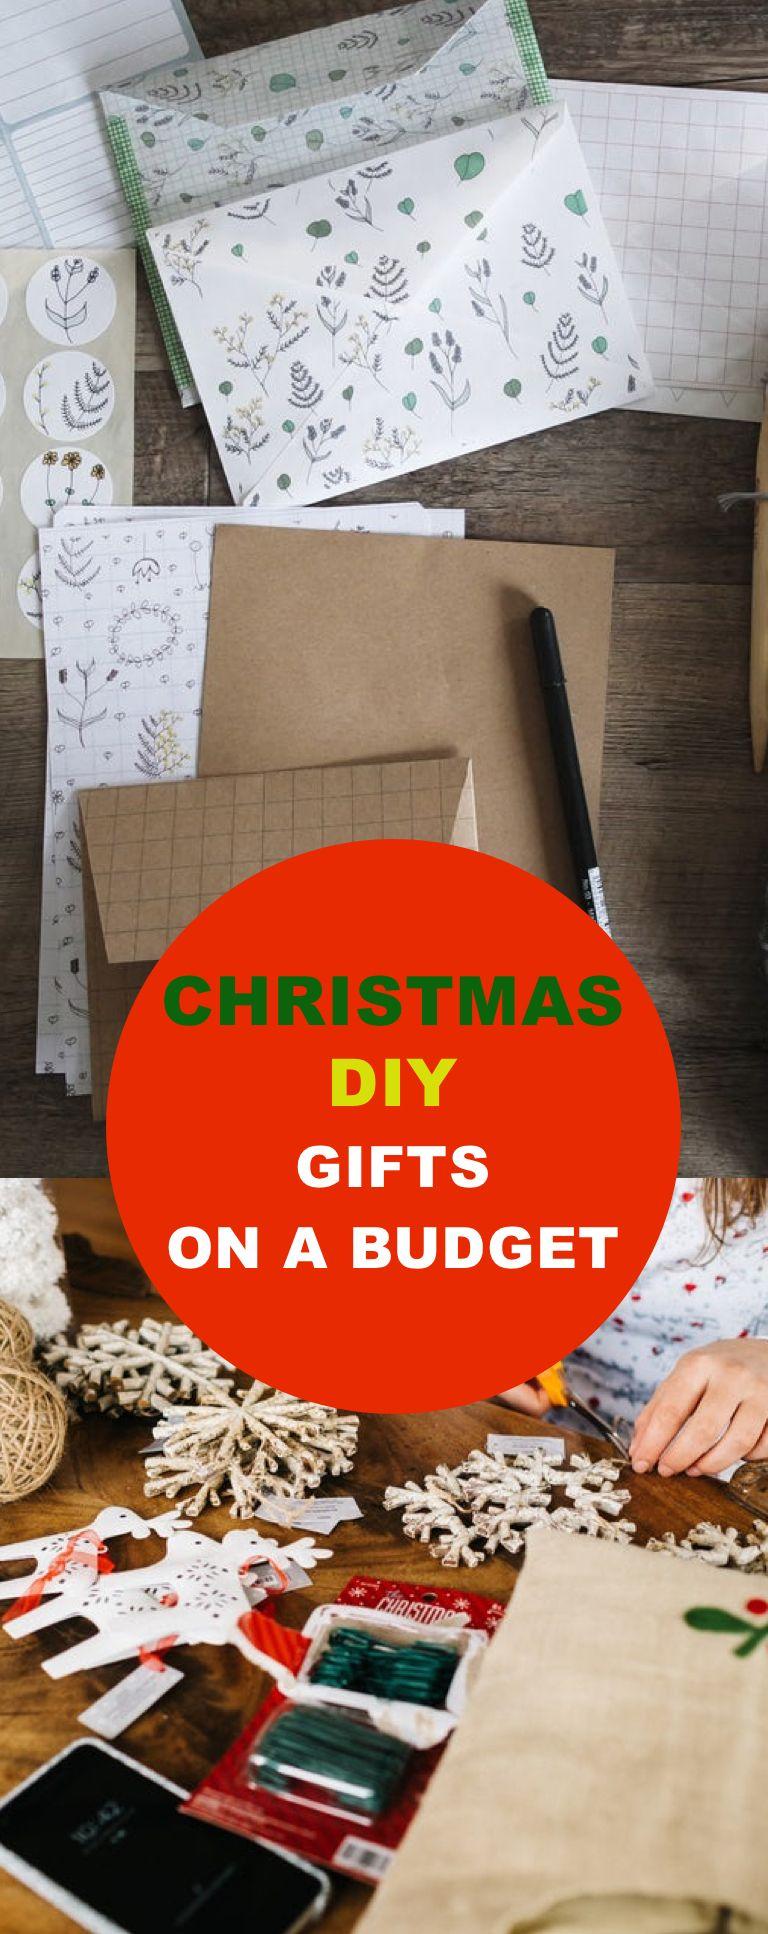 Christmas DIY Gifts On A Budget | Diy christmas gifts, Diy gifts on a budget, Diy crafts on a budget